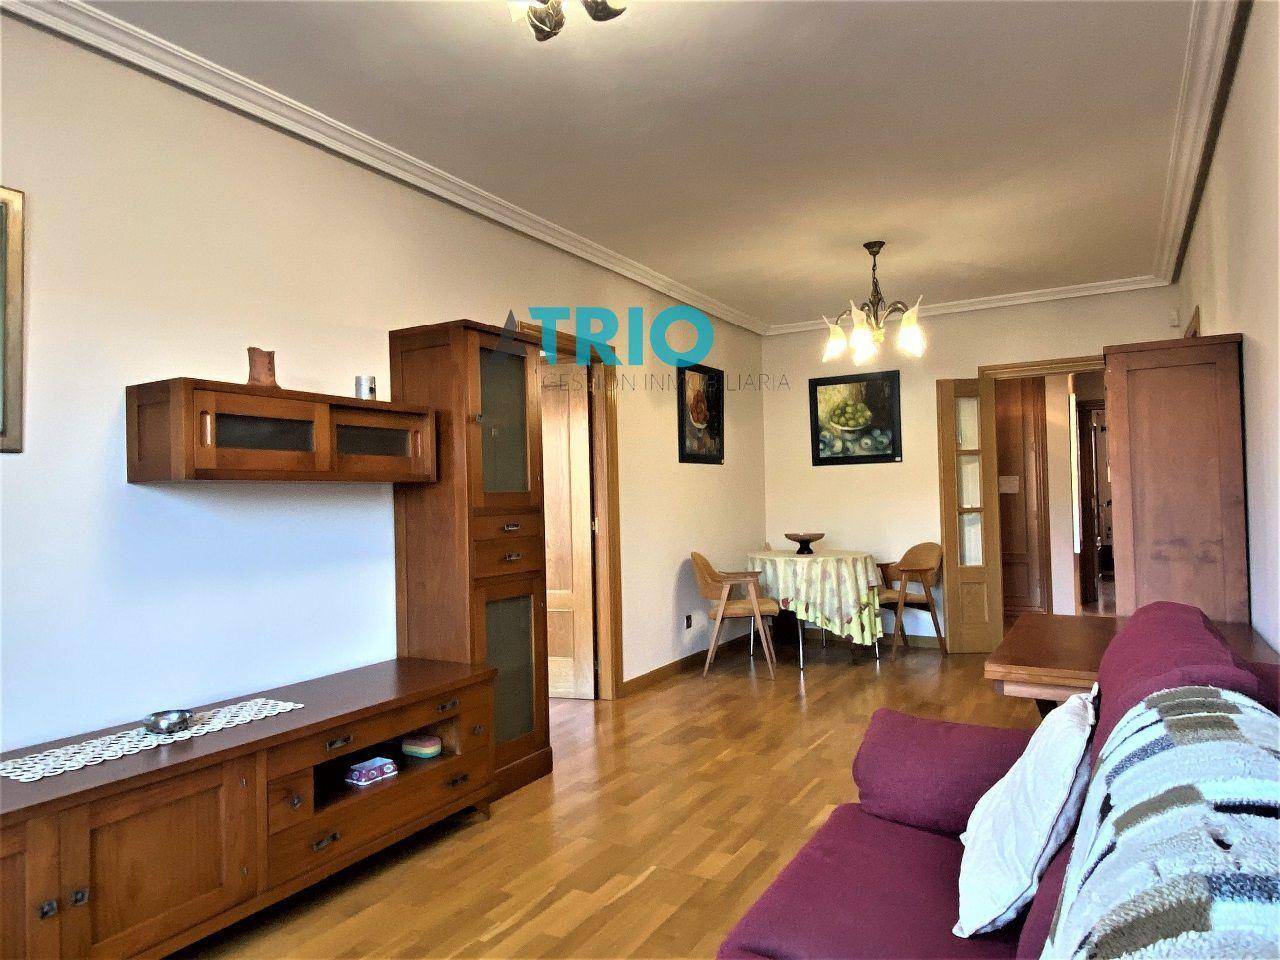 dia.mobiliagestion.es/Portals/inmoatrio/Images/6446/4132053